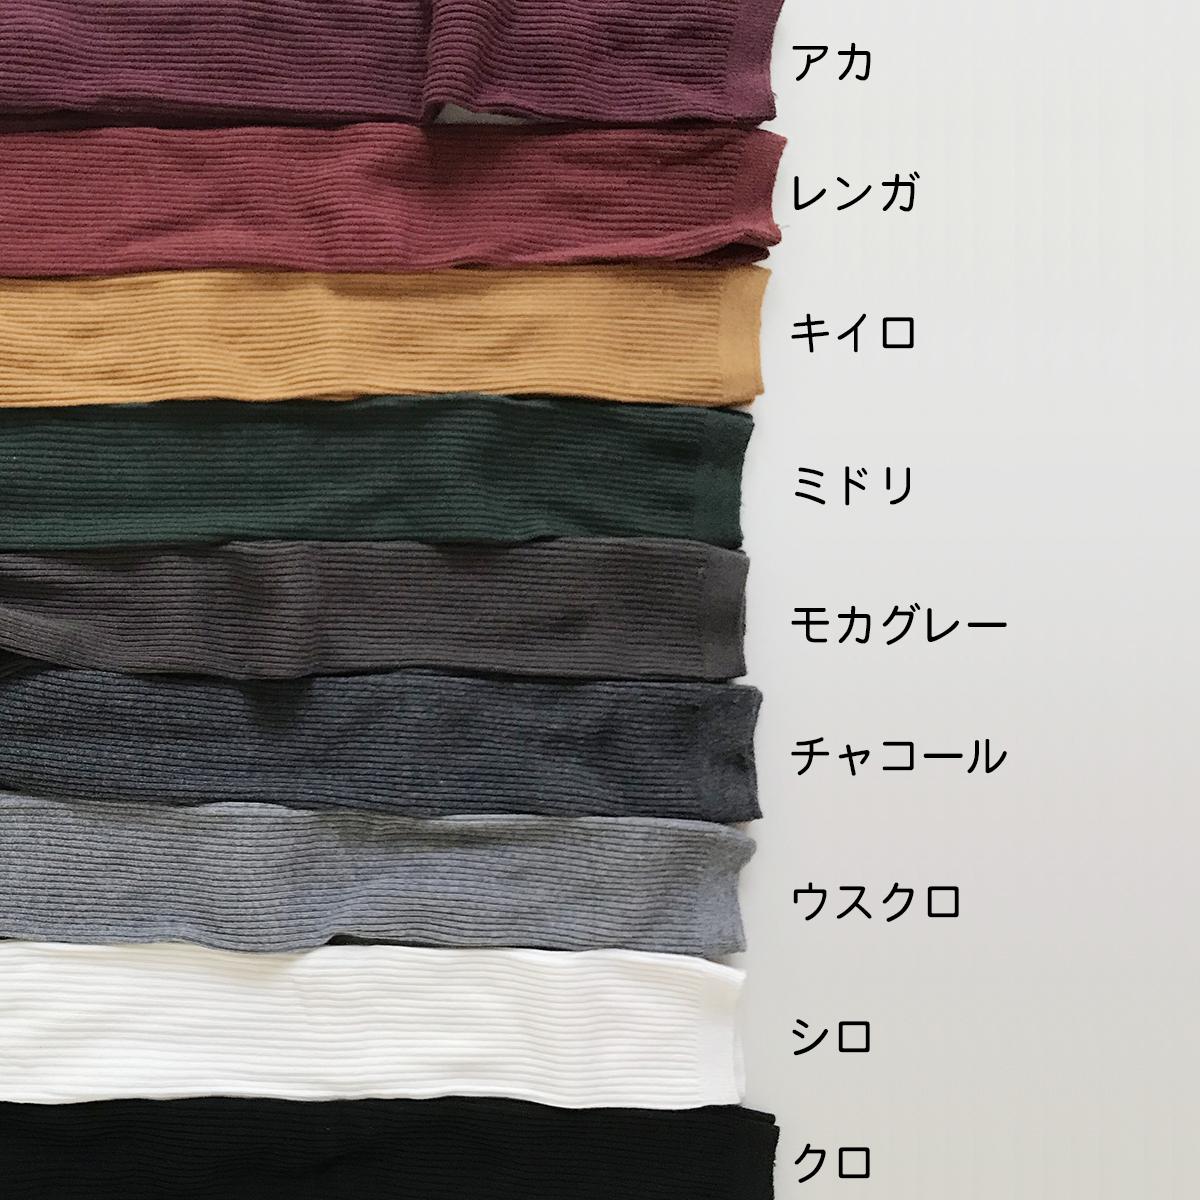 【3足 まとめ 買い 】リブレギンス(リブスパッツ)シンプル ベーシック